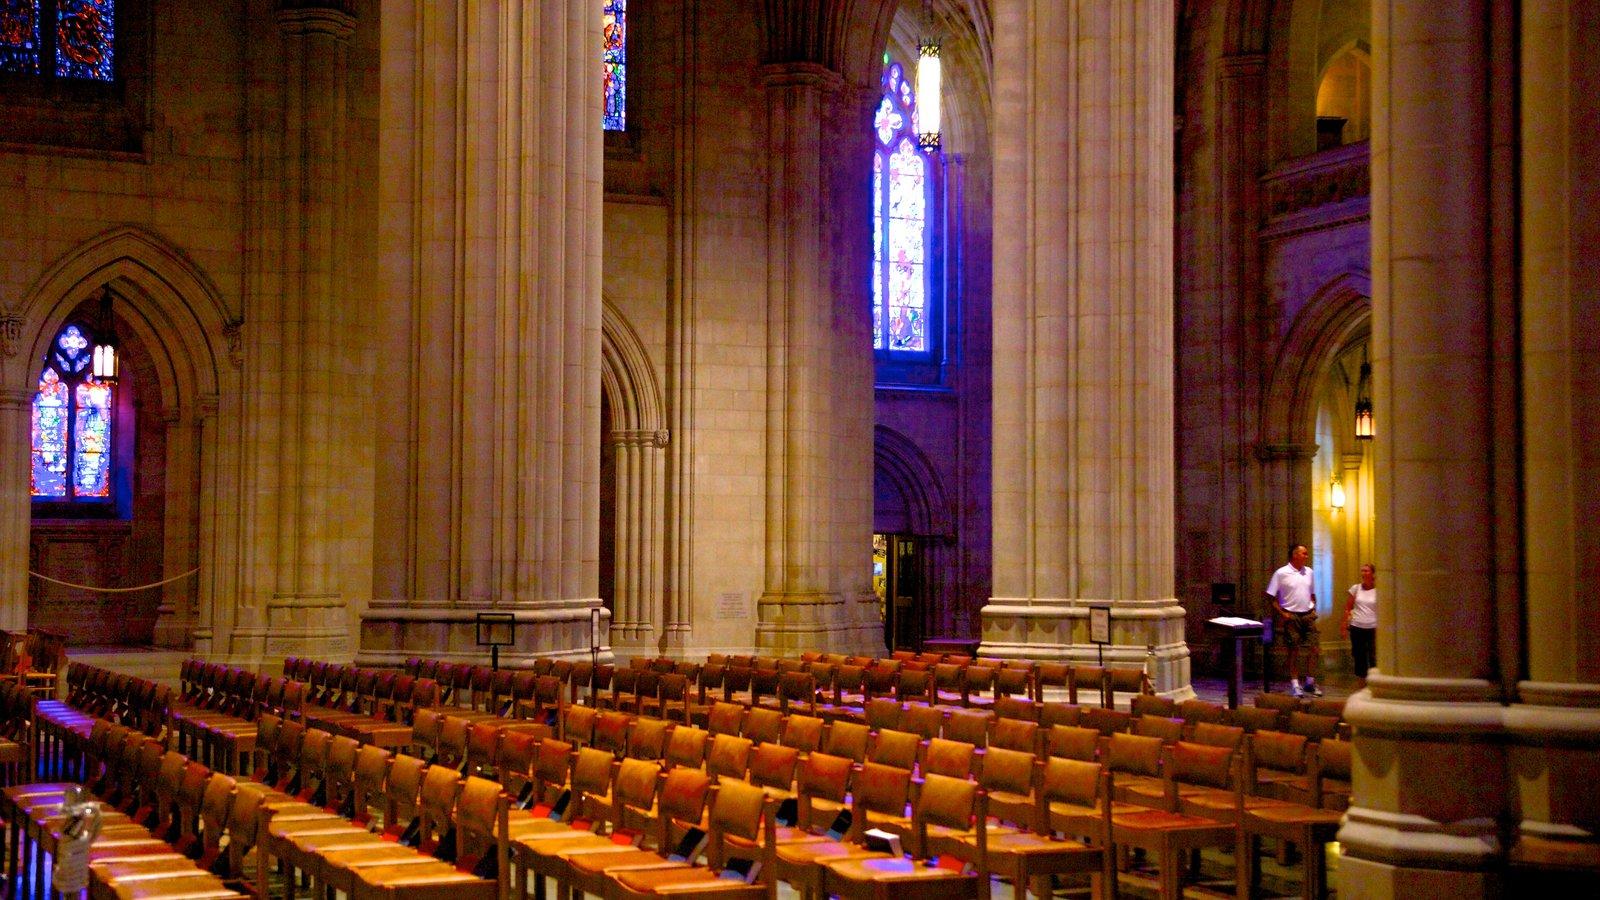 Catedral de Washington caracterizando arquitetura de patrimônio, uma igreja ou catedral e vistas internas